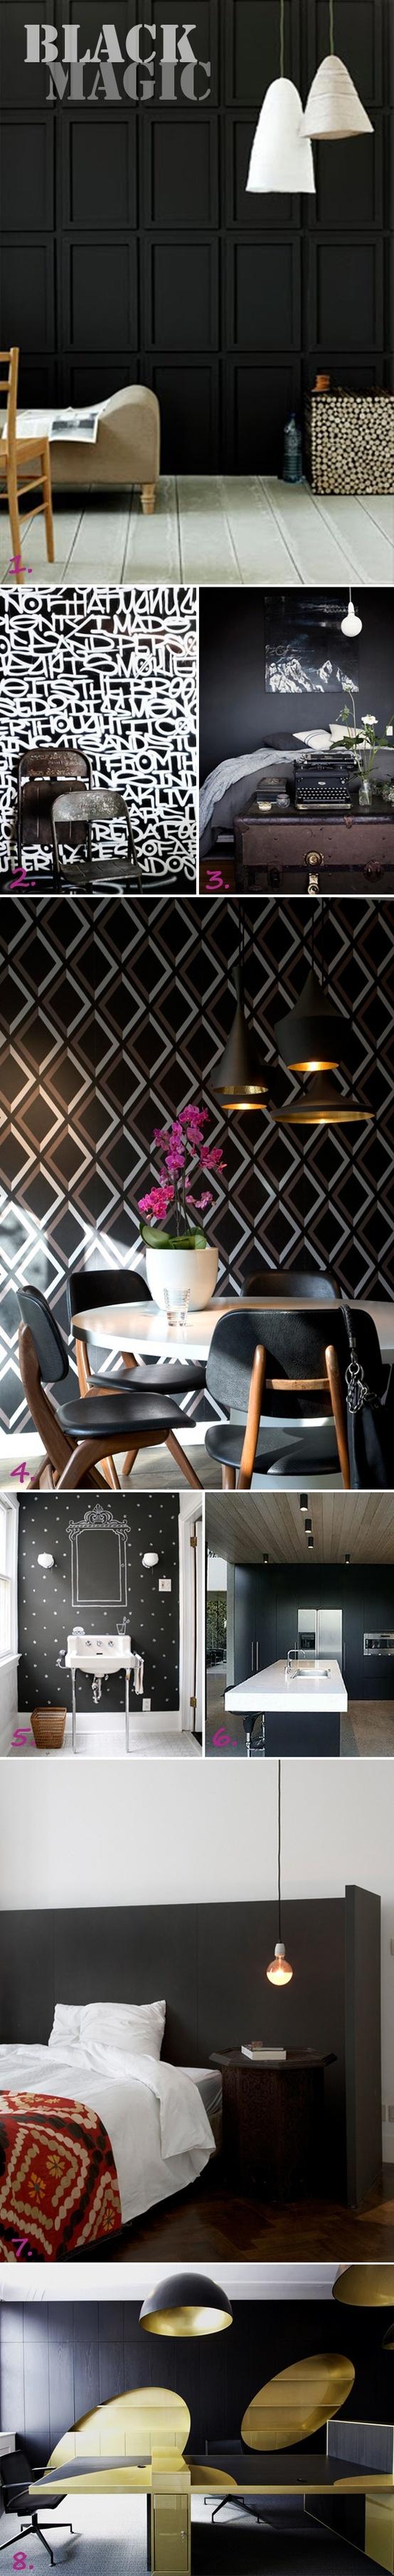 Dark, moody interiors: Interiors Inspiration Lov, Black Magic, Black Interiors, Moody Interiors, Architecture Interiors, Interiors Design, Bathroom Wall, Black Love, Black Wall